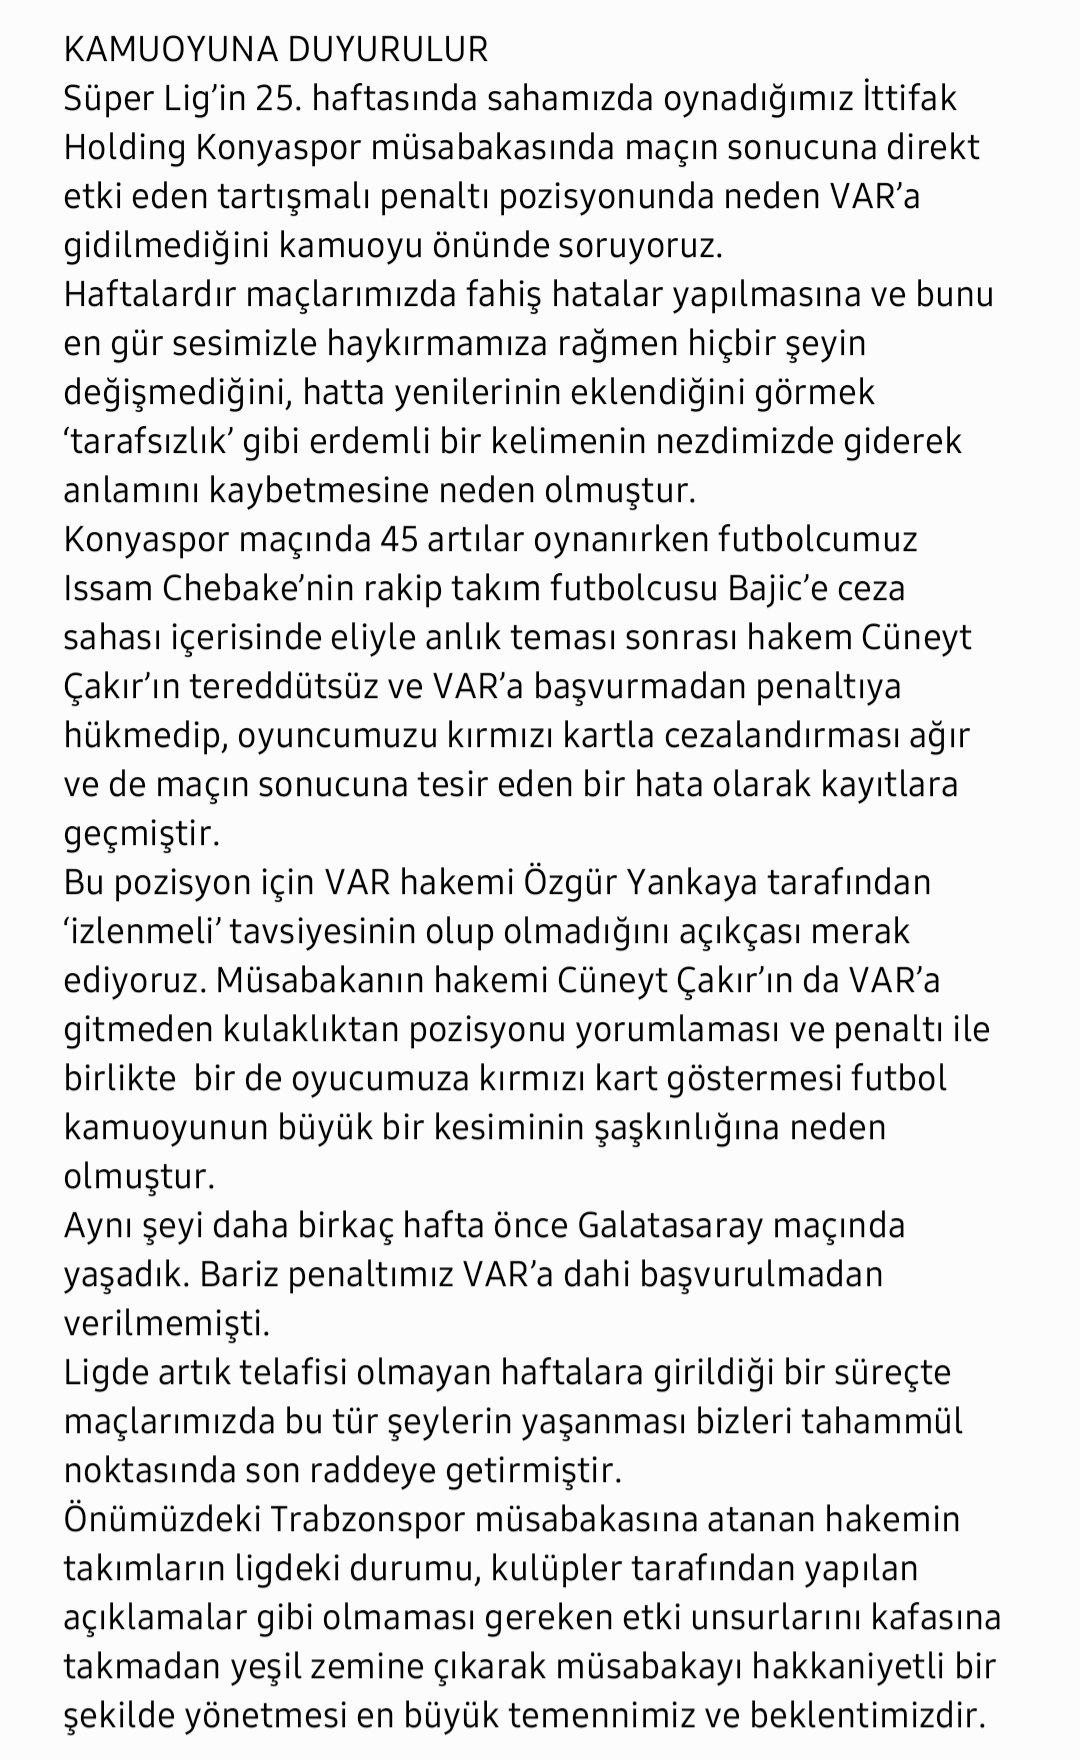 İşte Yeni Malatyaspor'un açıklaması!